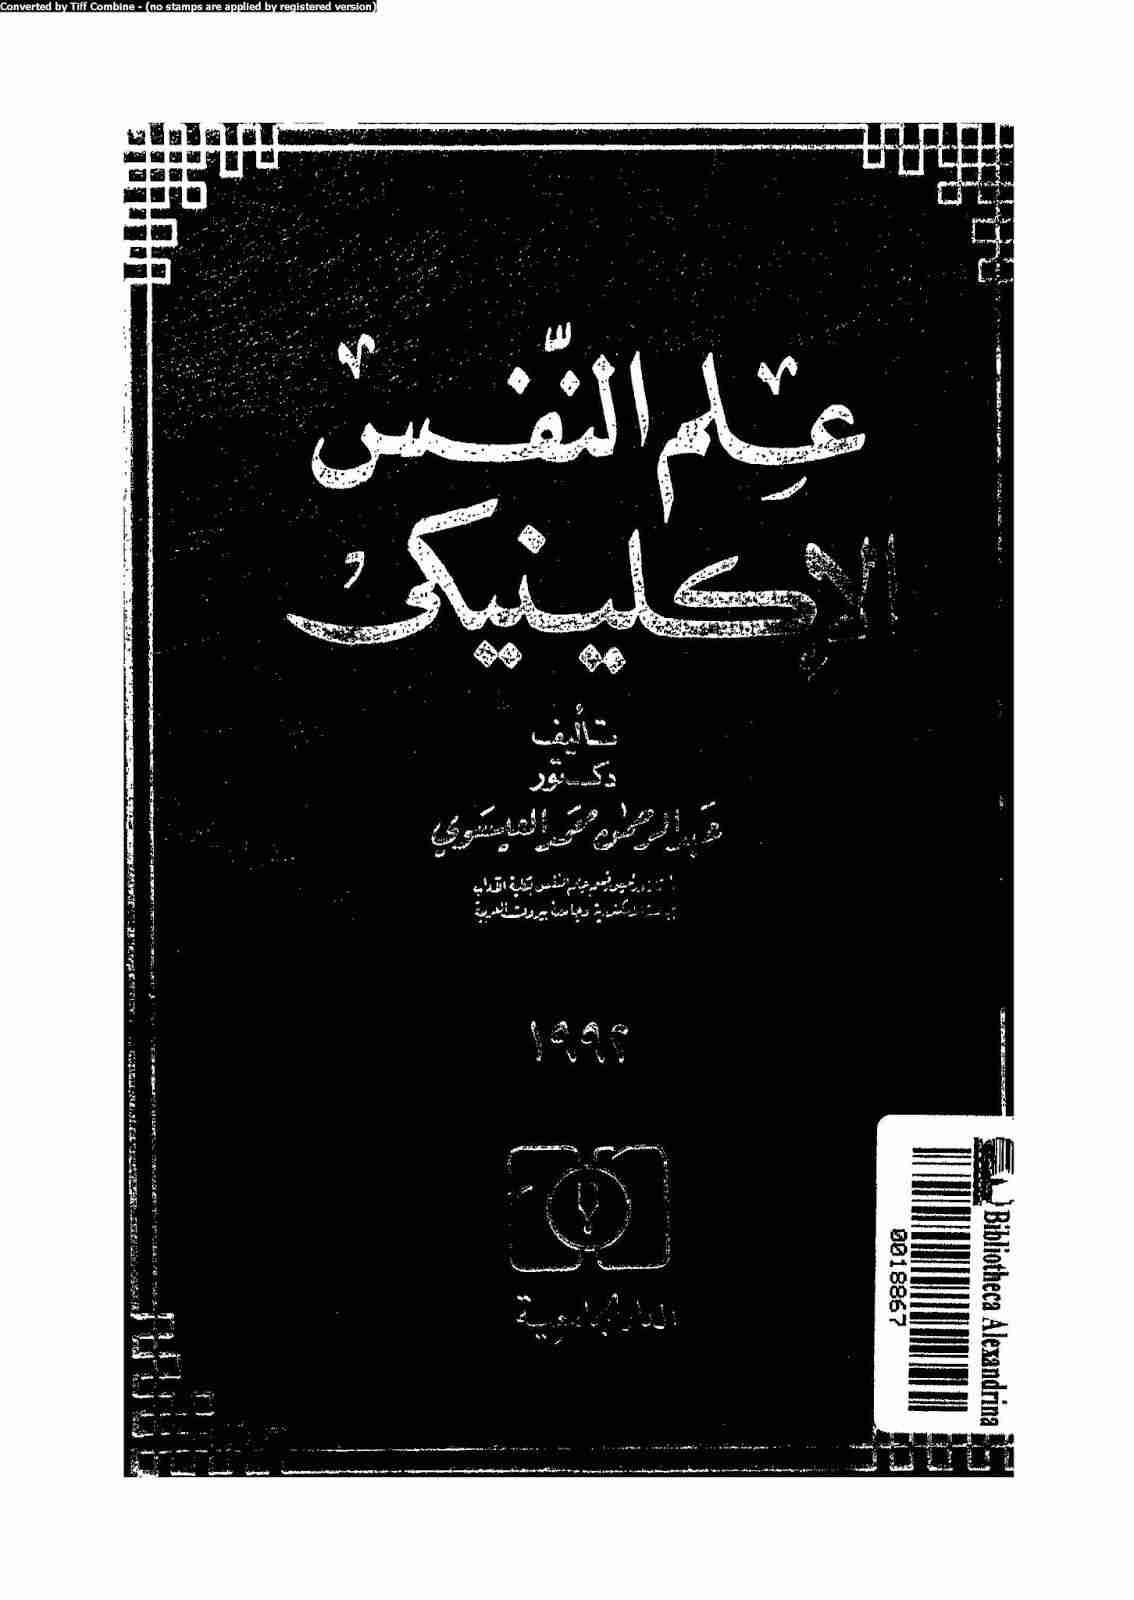 كتاب علم النفس الاكلينيكي لـ عبد الرحمن محمد العيسوي